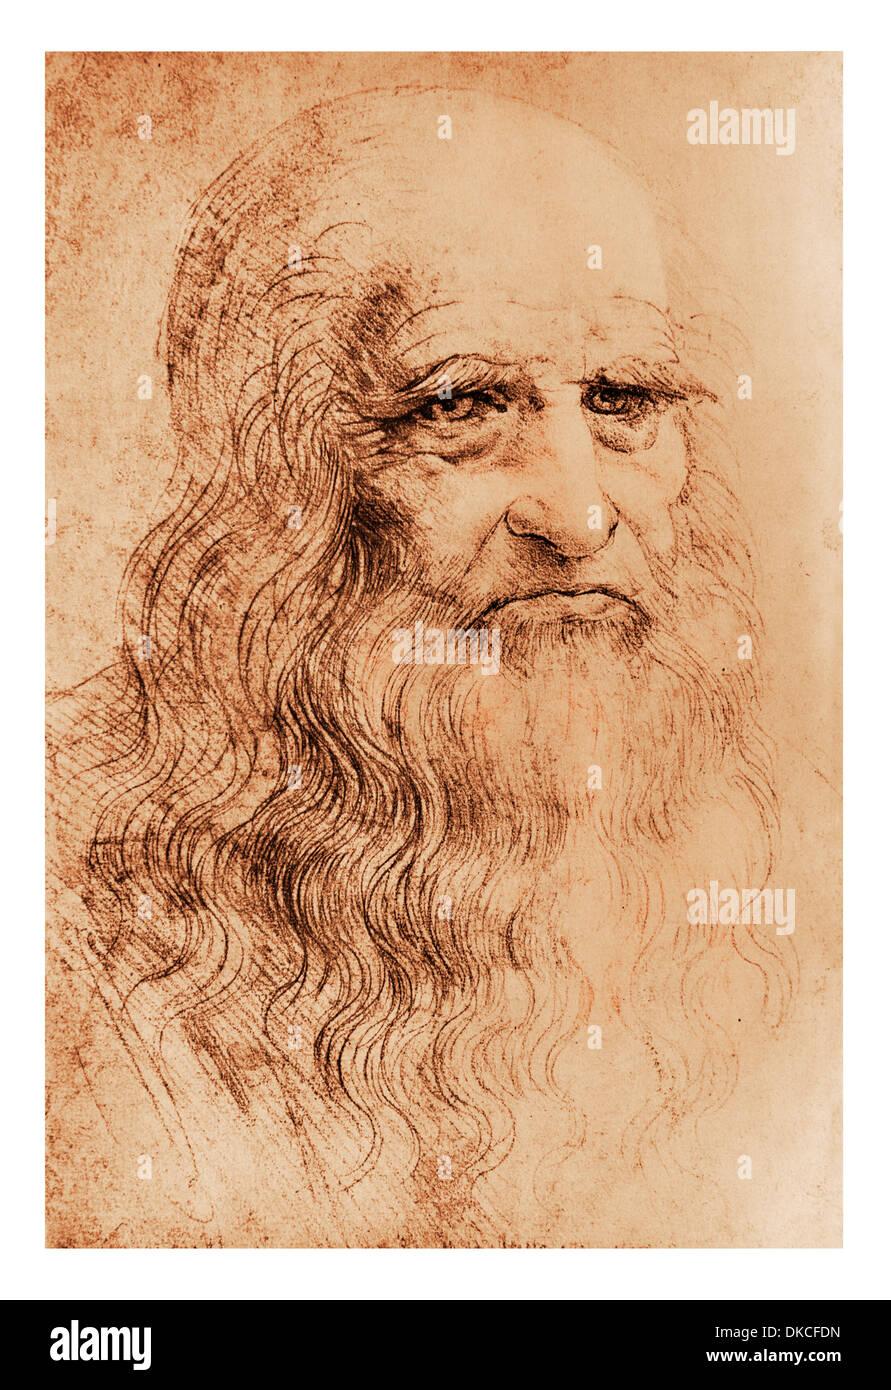 Un autoportrait de Léonard de Vinci en craie rouge - Bibliothèque royale de Turin Photo Stock